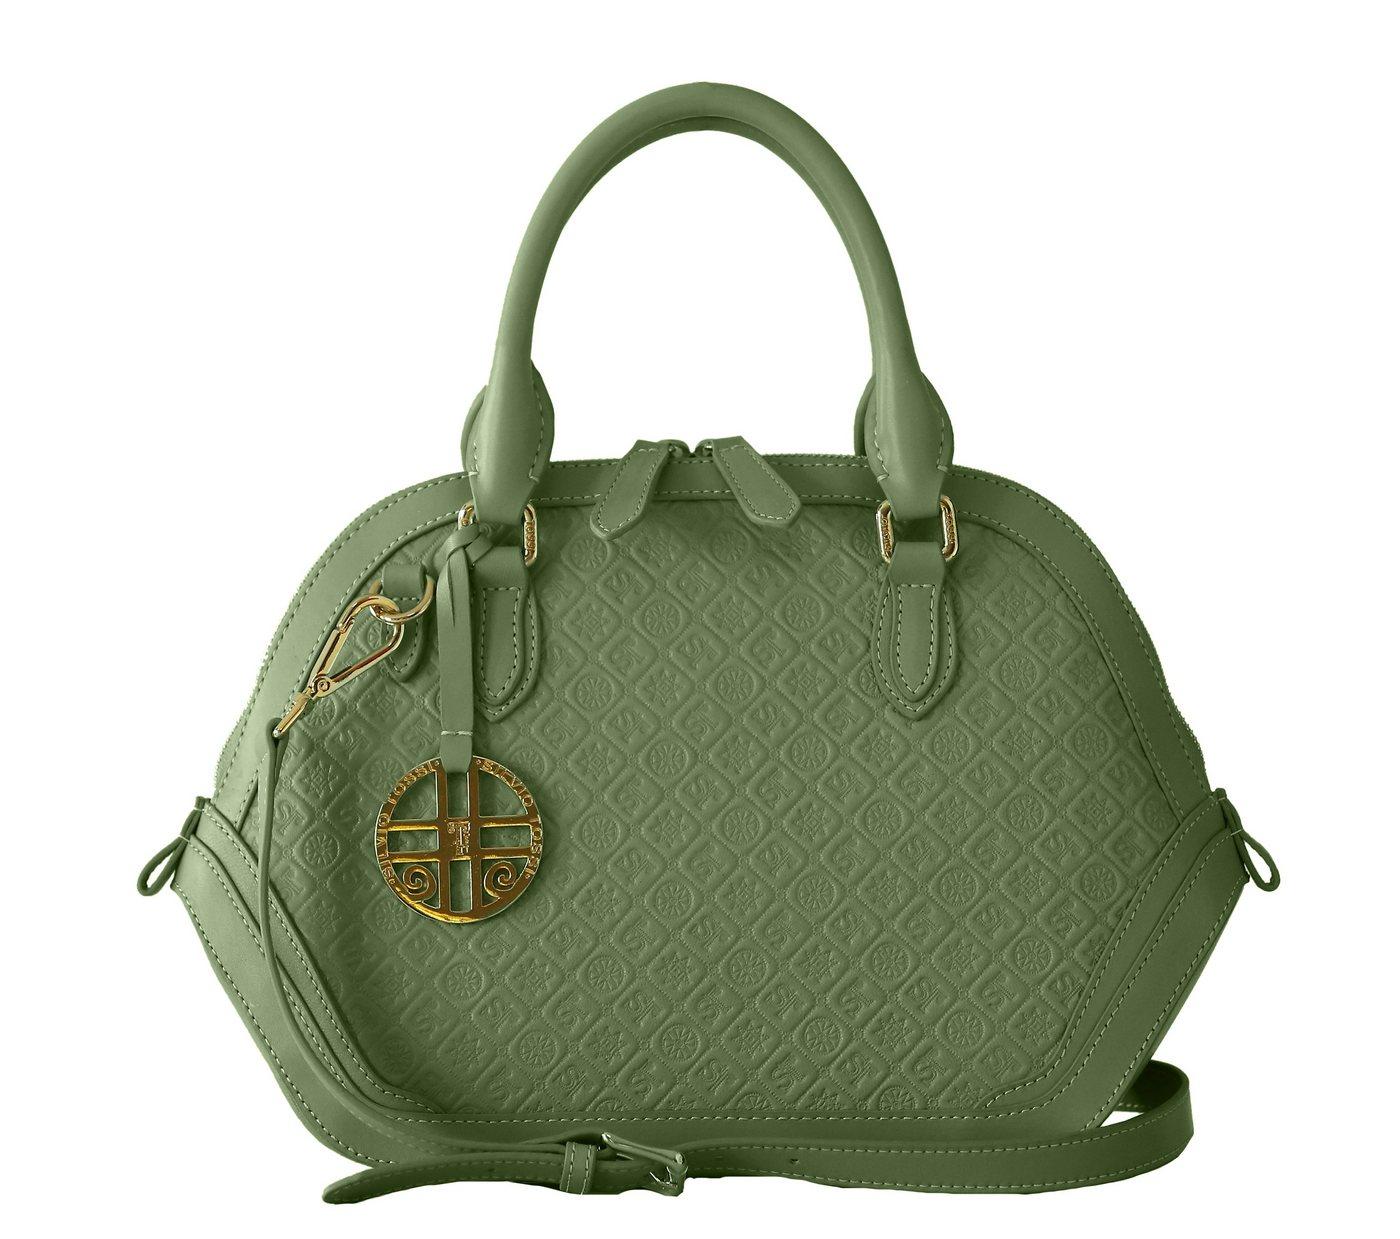 Silvio Tossi Lederhandtasche mit Markenprägung | Taschen > Handtaschen > Ledertaschen | Grün | Baumwolle | Silvio Tossi